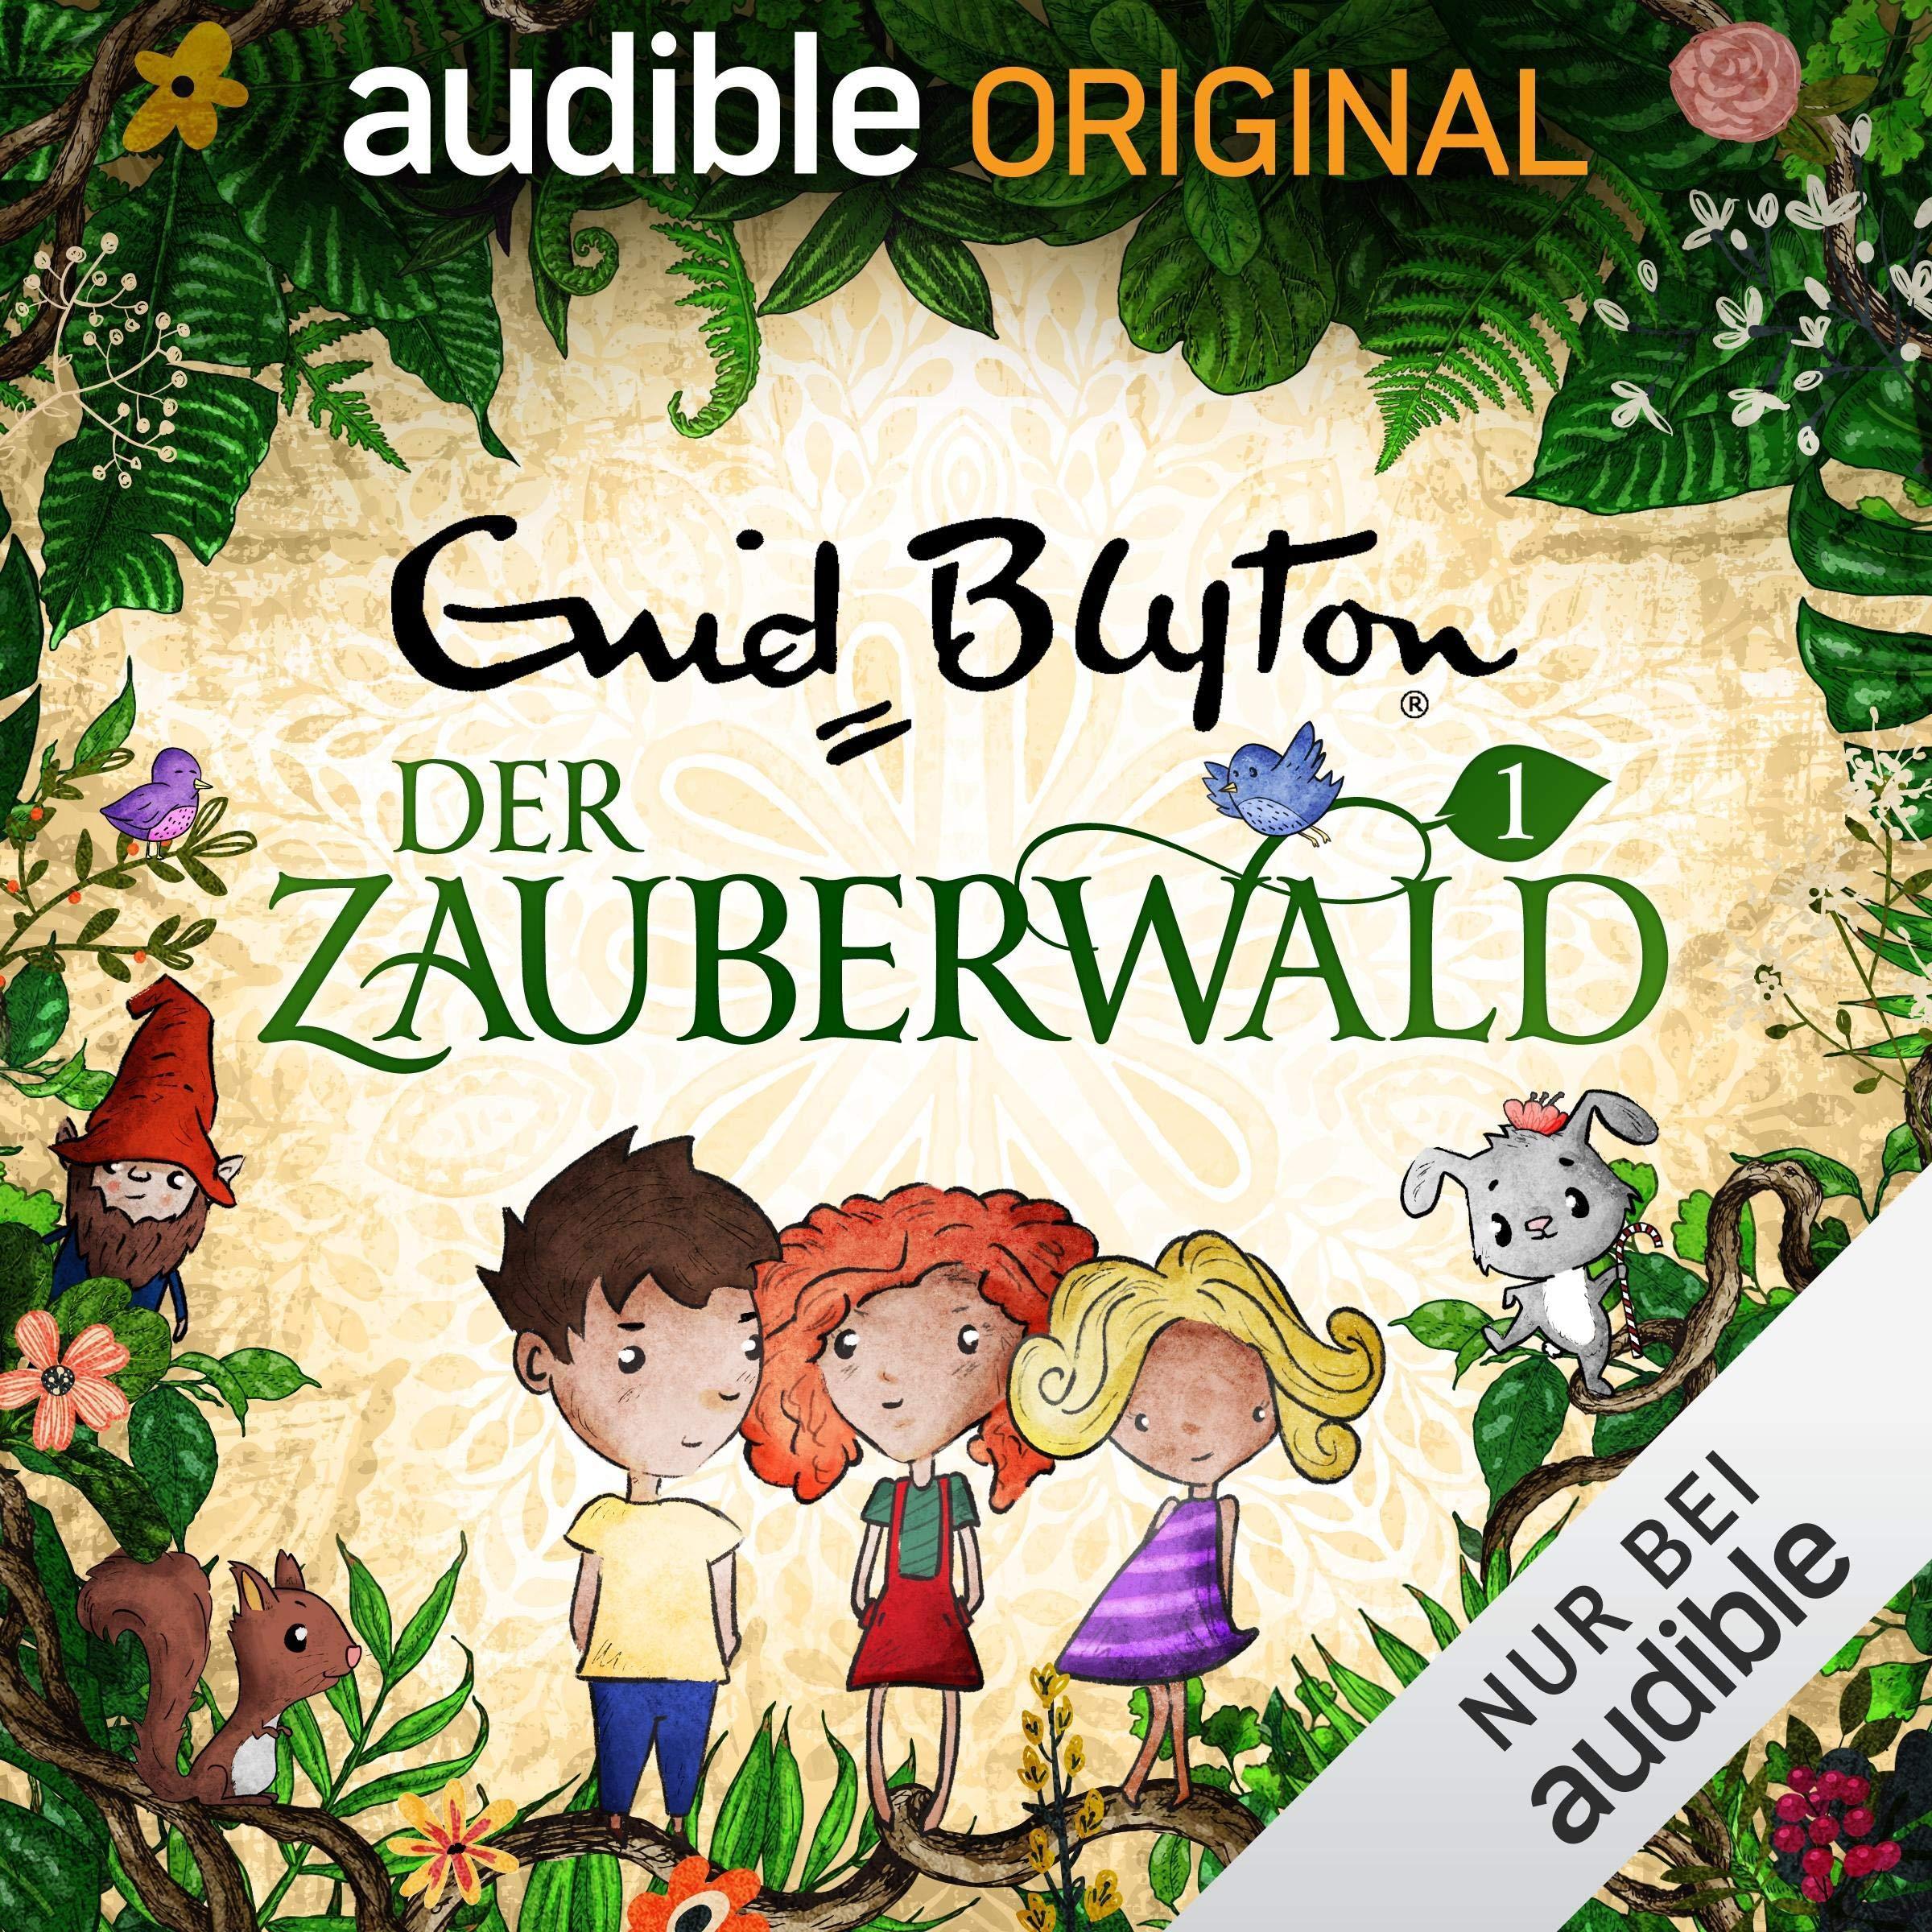 Zauberwald - Enid Blyton